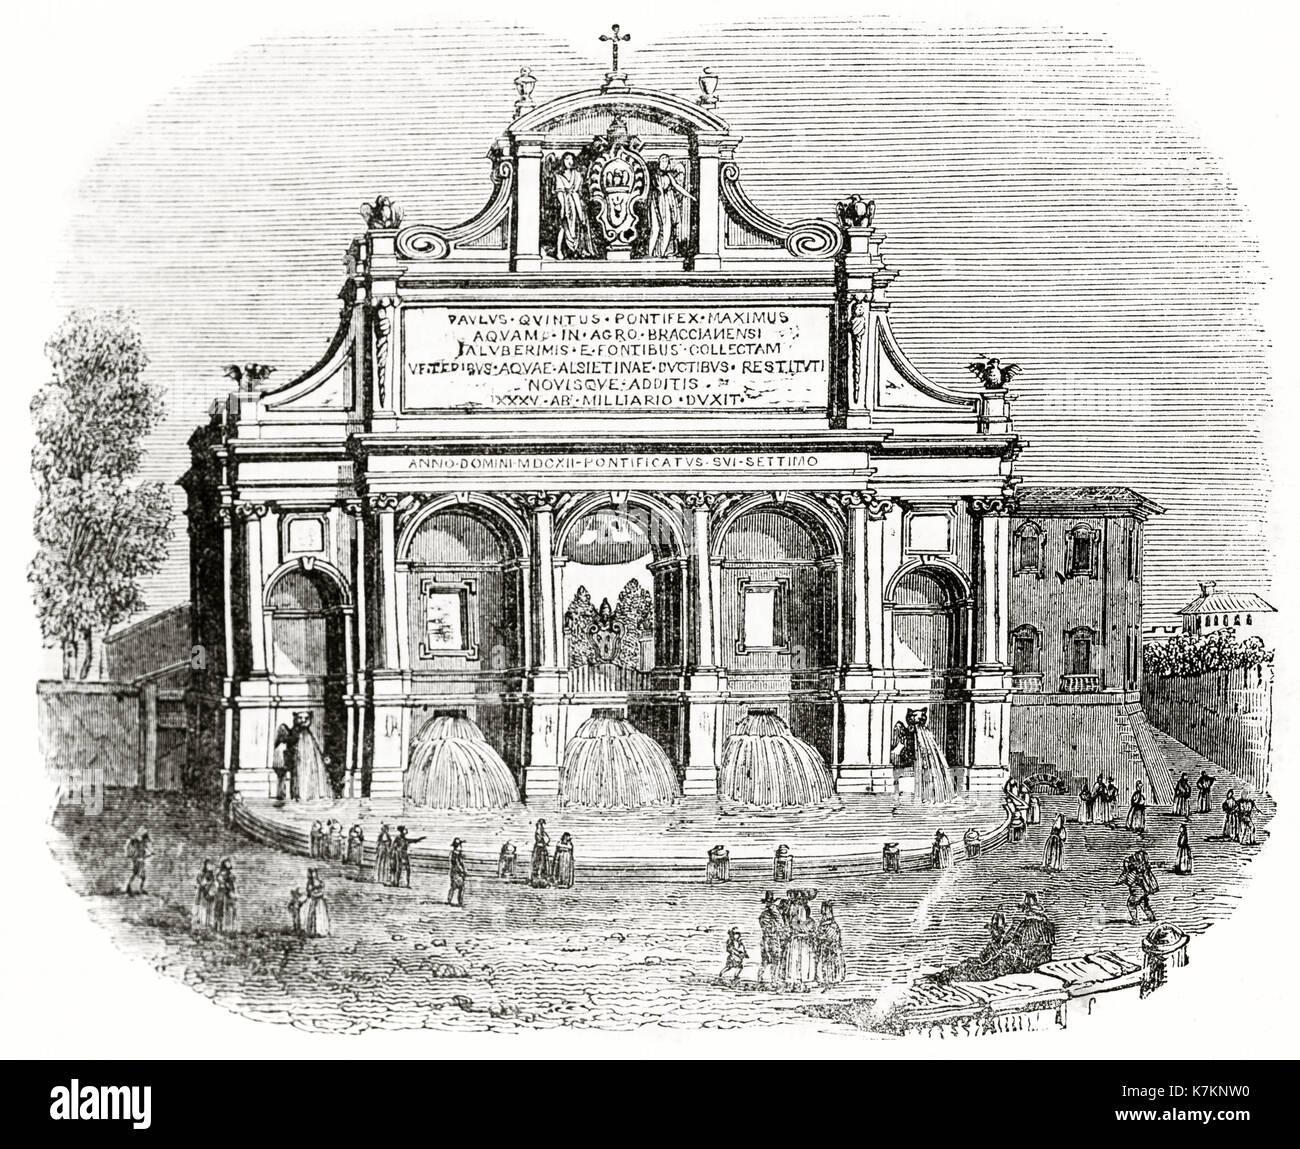 Vieille illustration de la Fontana dell'Acqua Paola, Rome. Par auteur non identifié, publ. sur le Penny Magazine, Londres, 1837 Banque D'Images